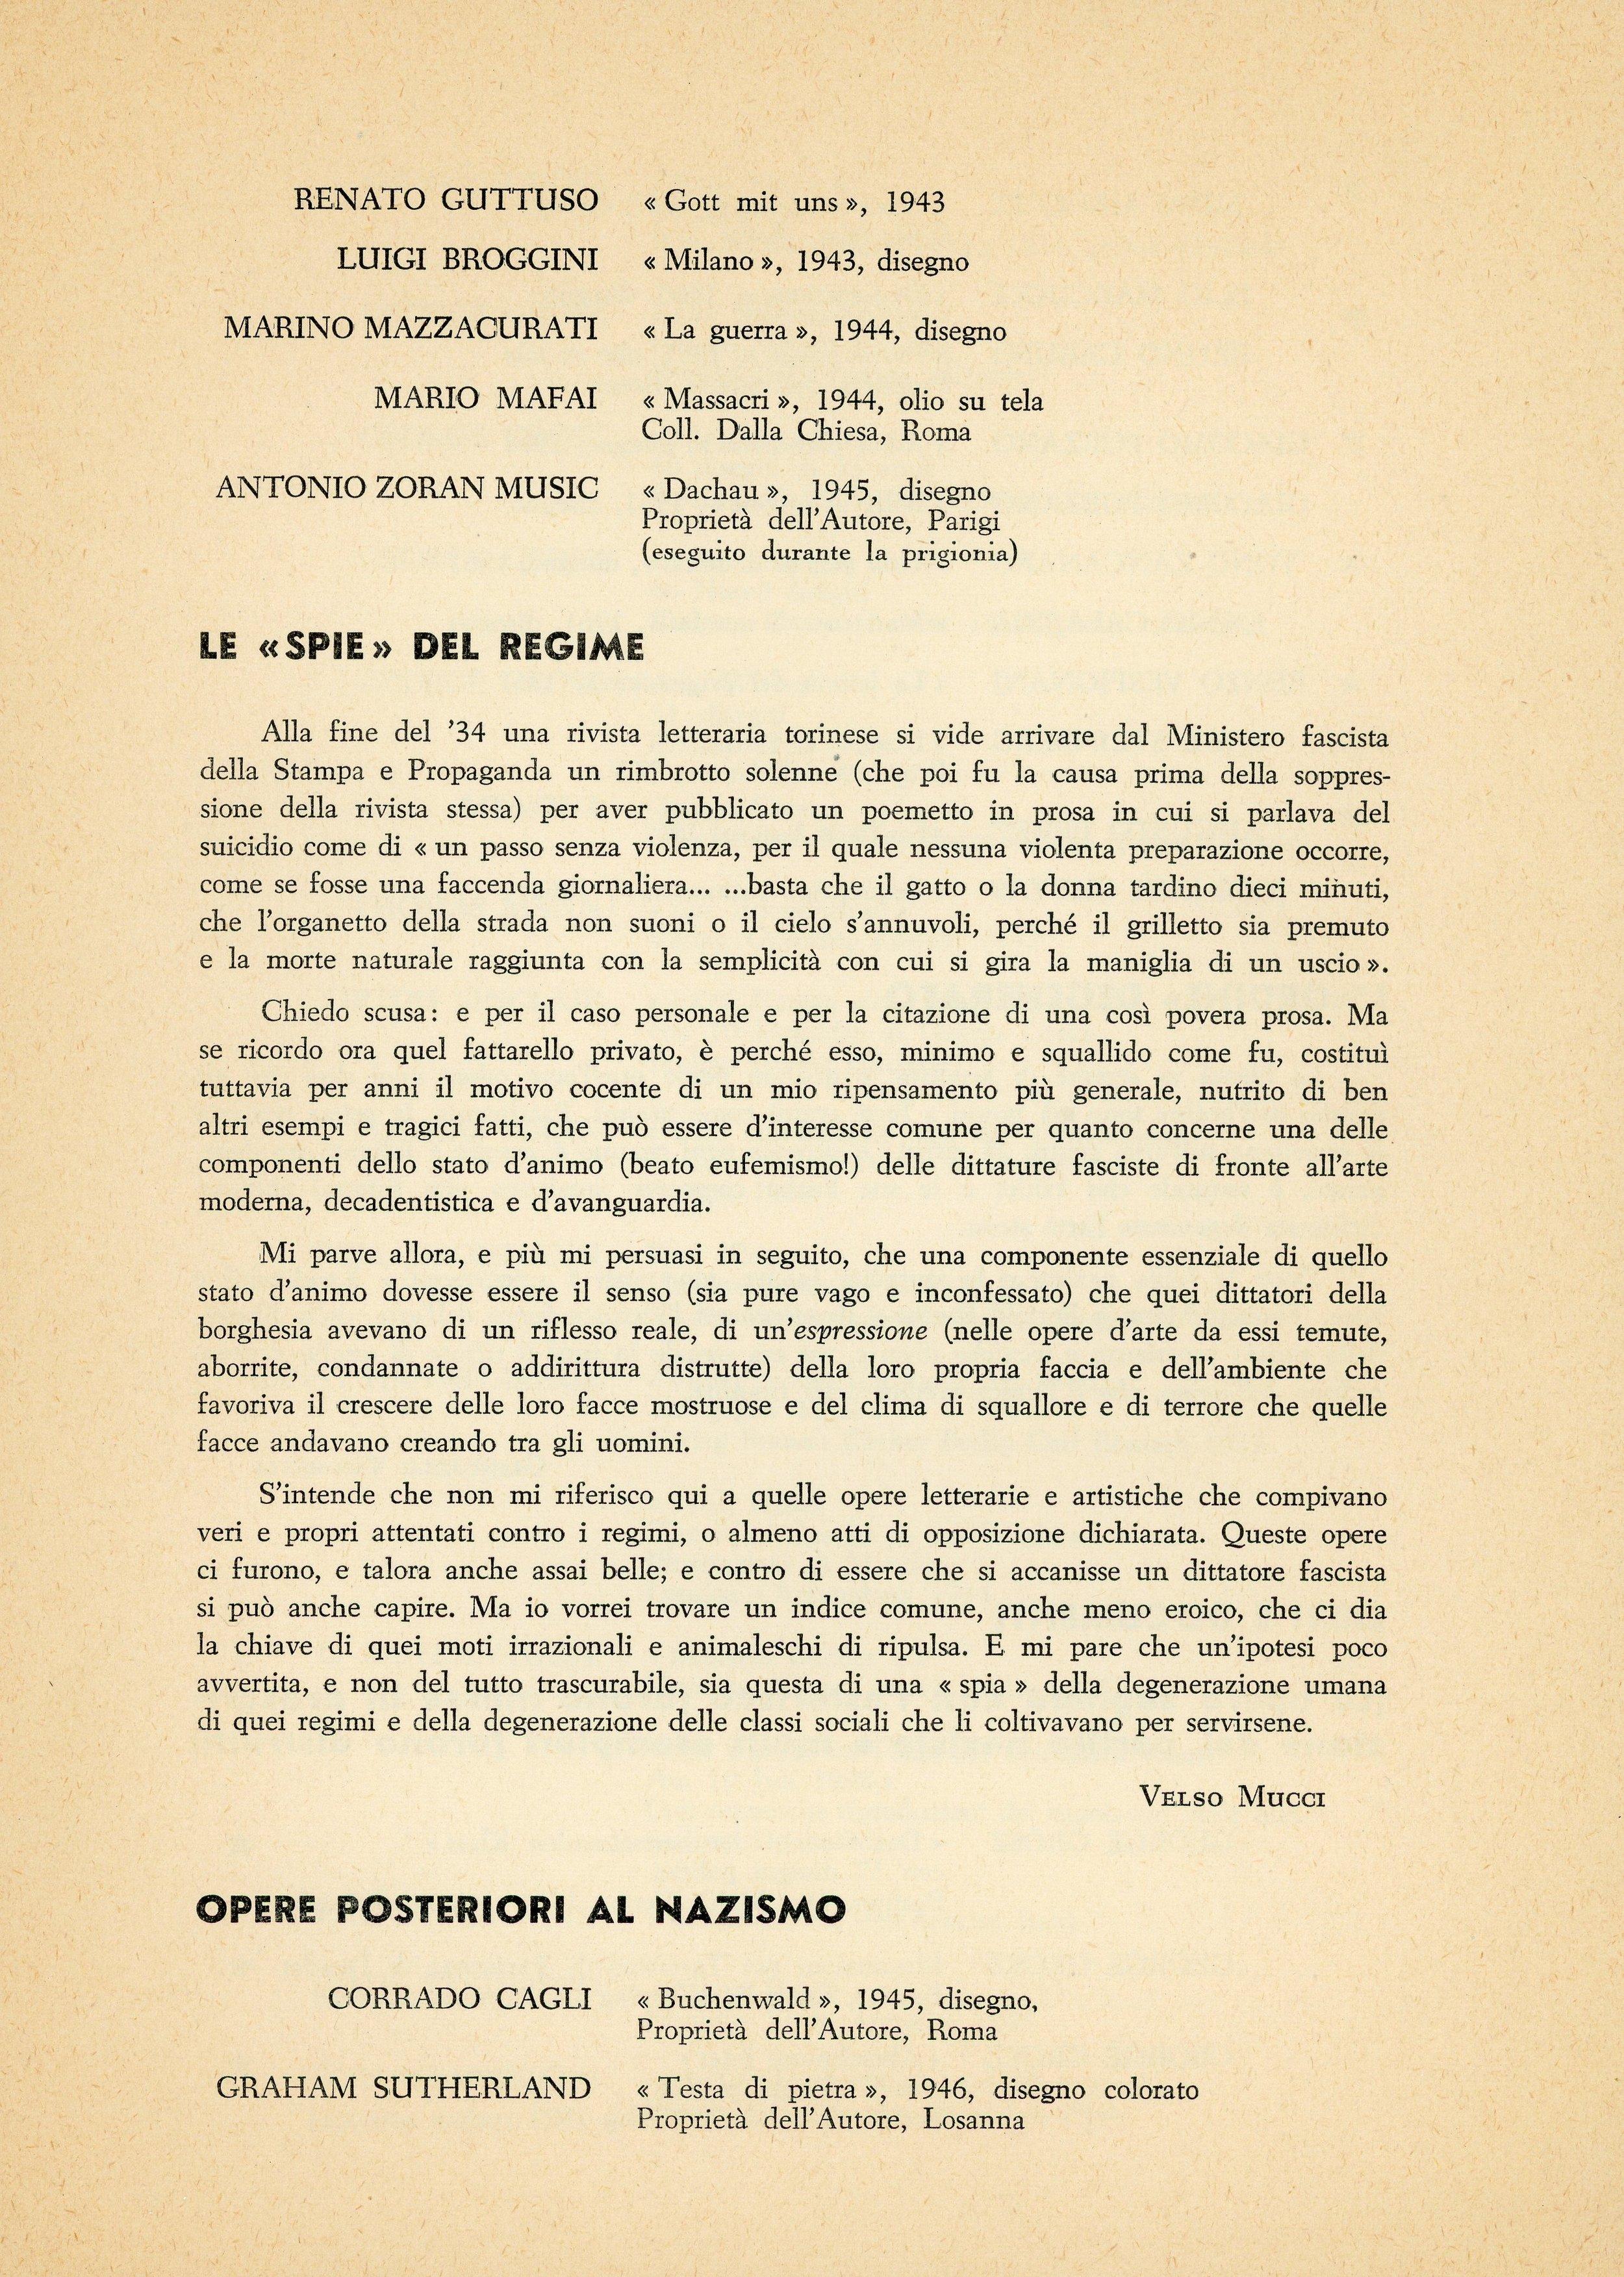 1961-05 Opposizione al Nazismo Obelisco - Bruno Caruso_06.jpg